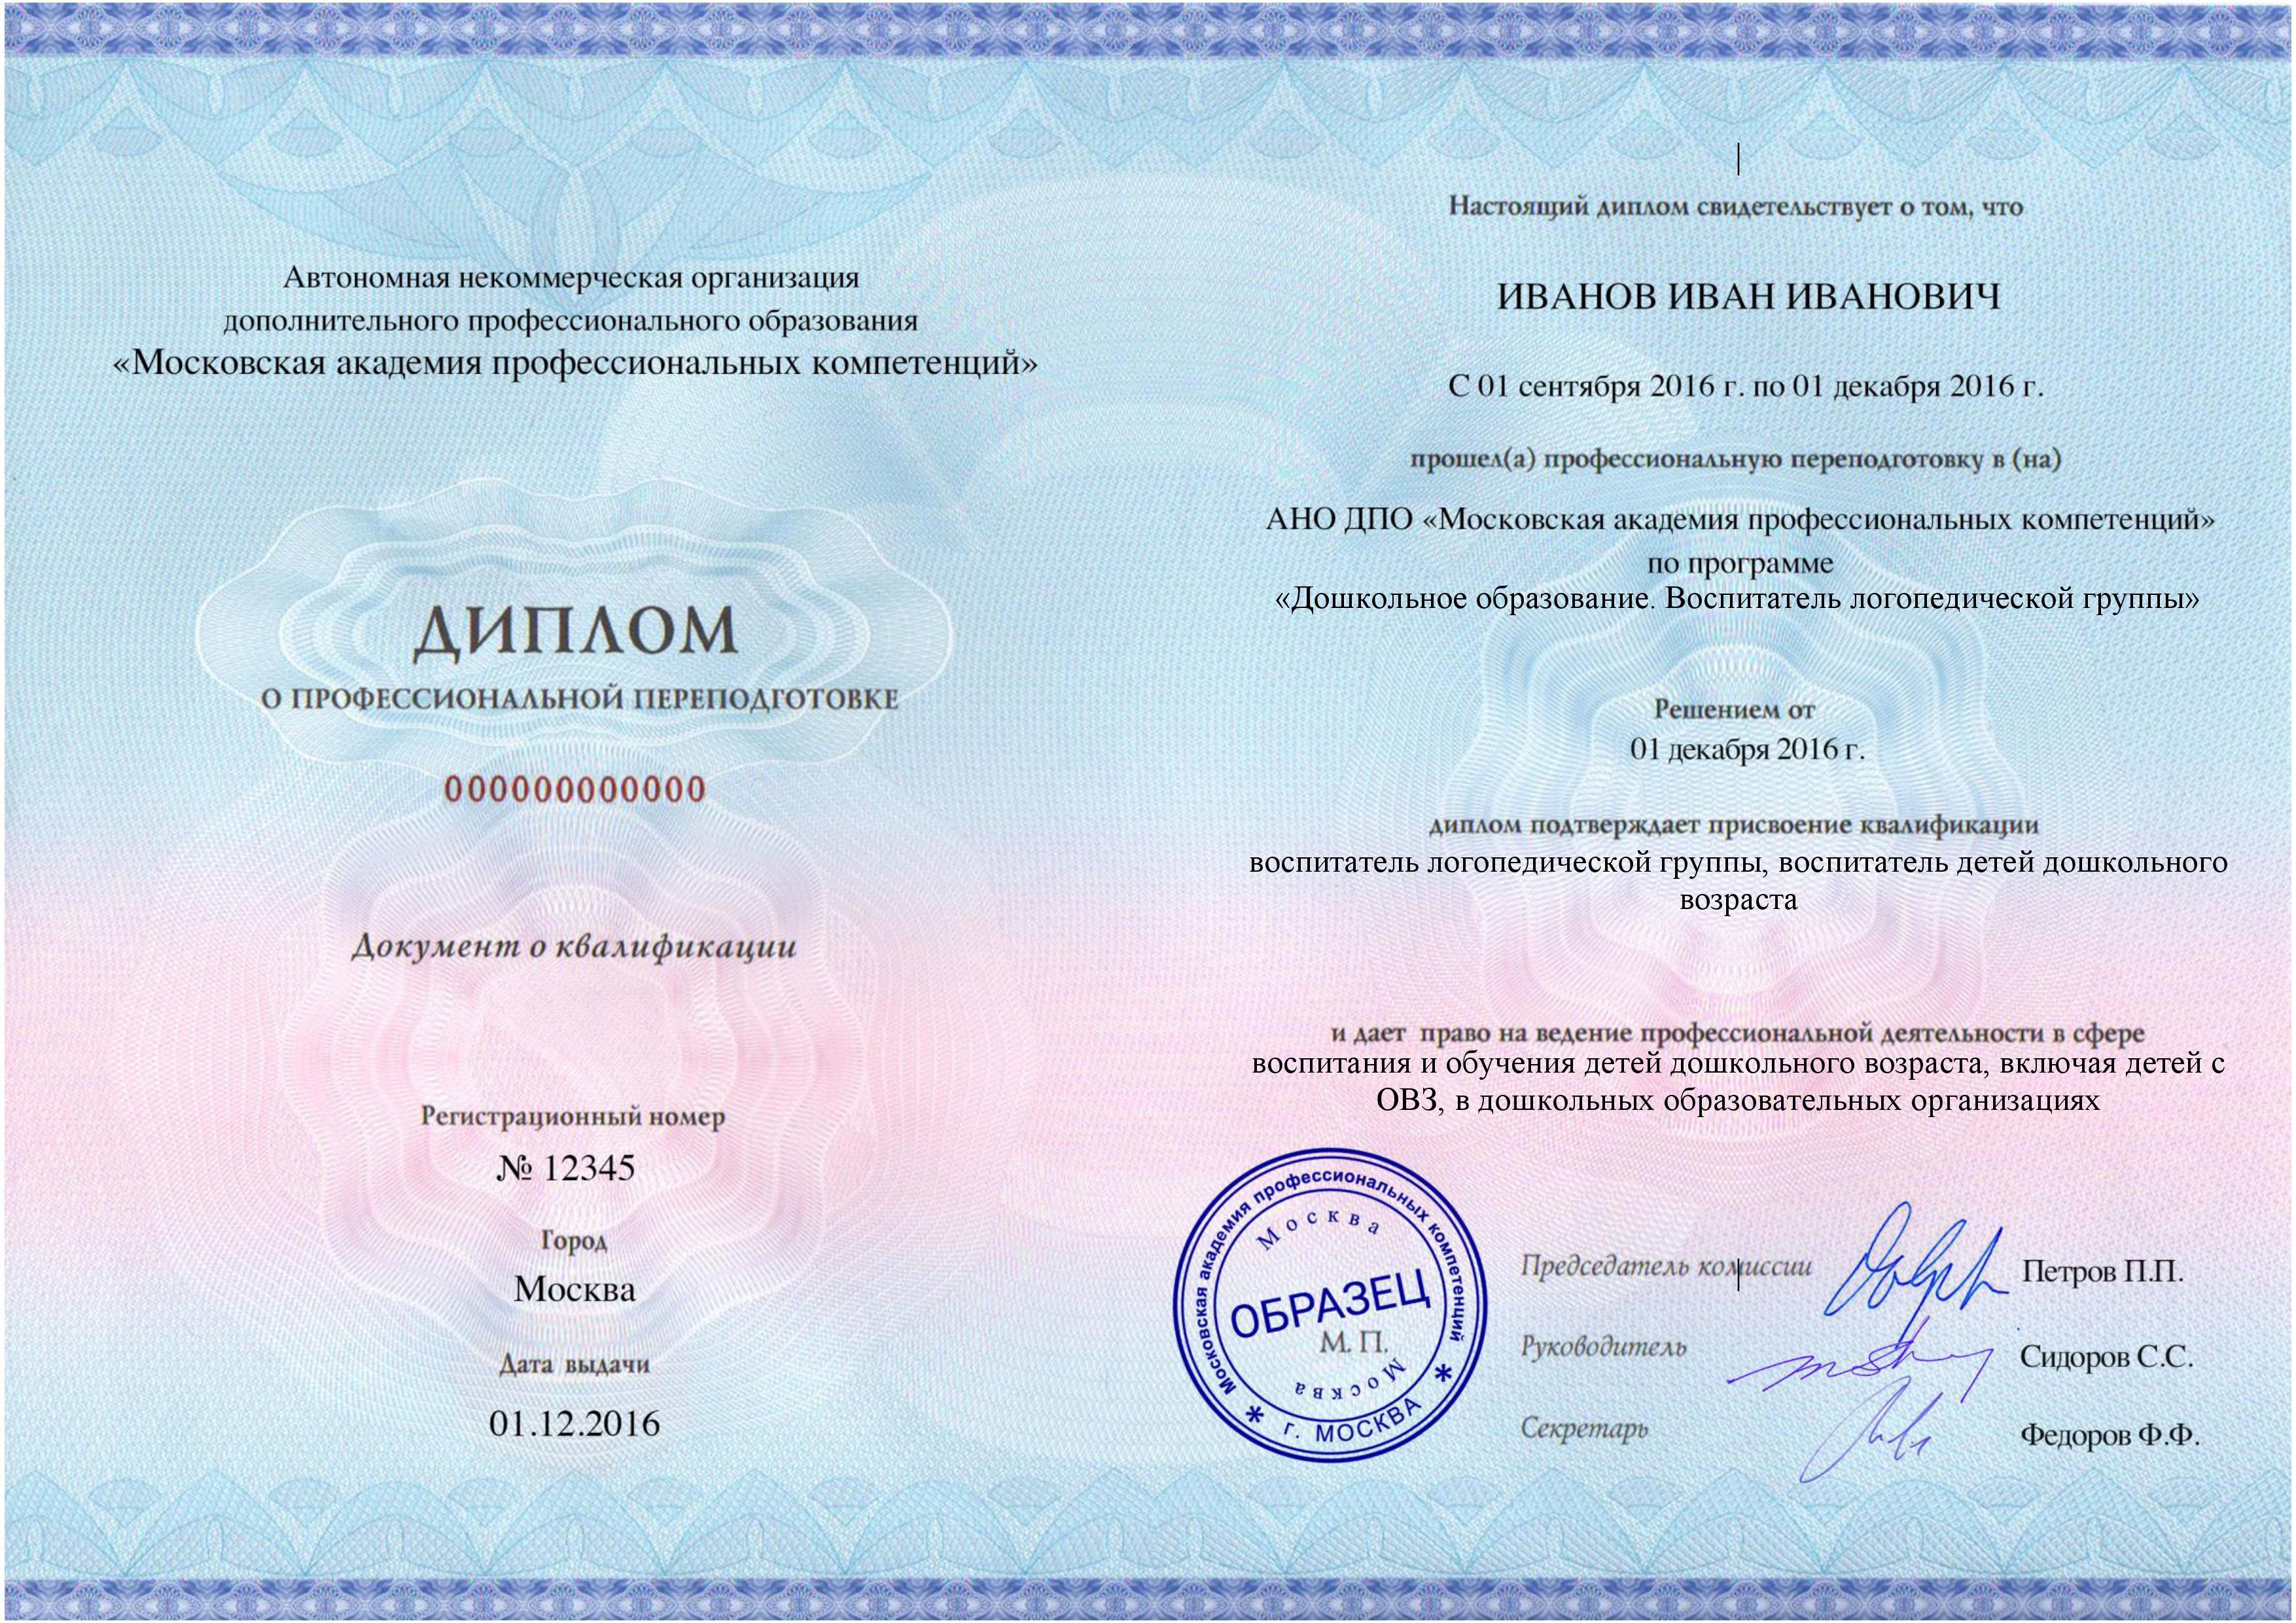 Дошкольное образование Воспитатель логопедической группы  Диплом с присвоением квалификации